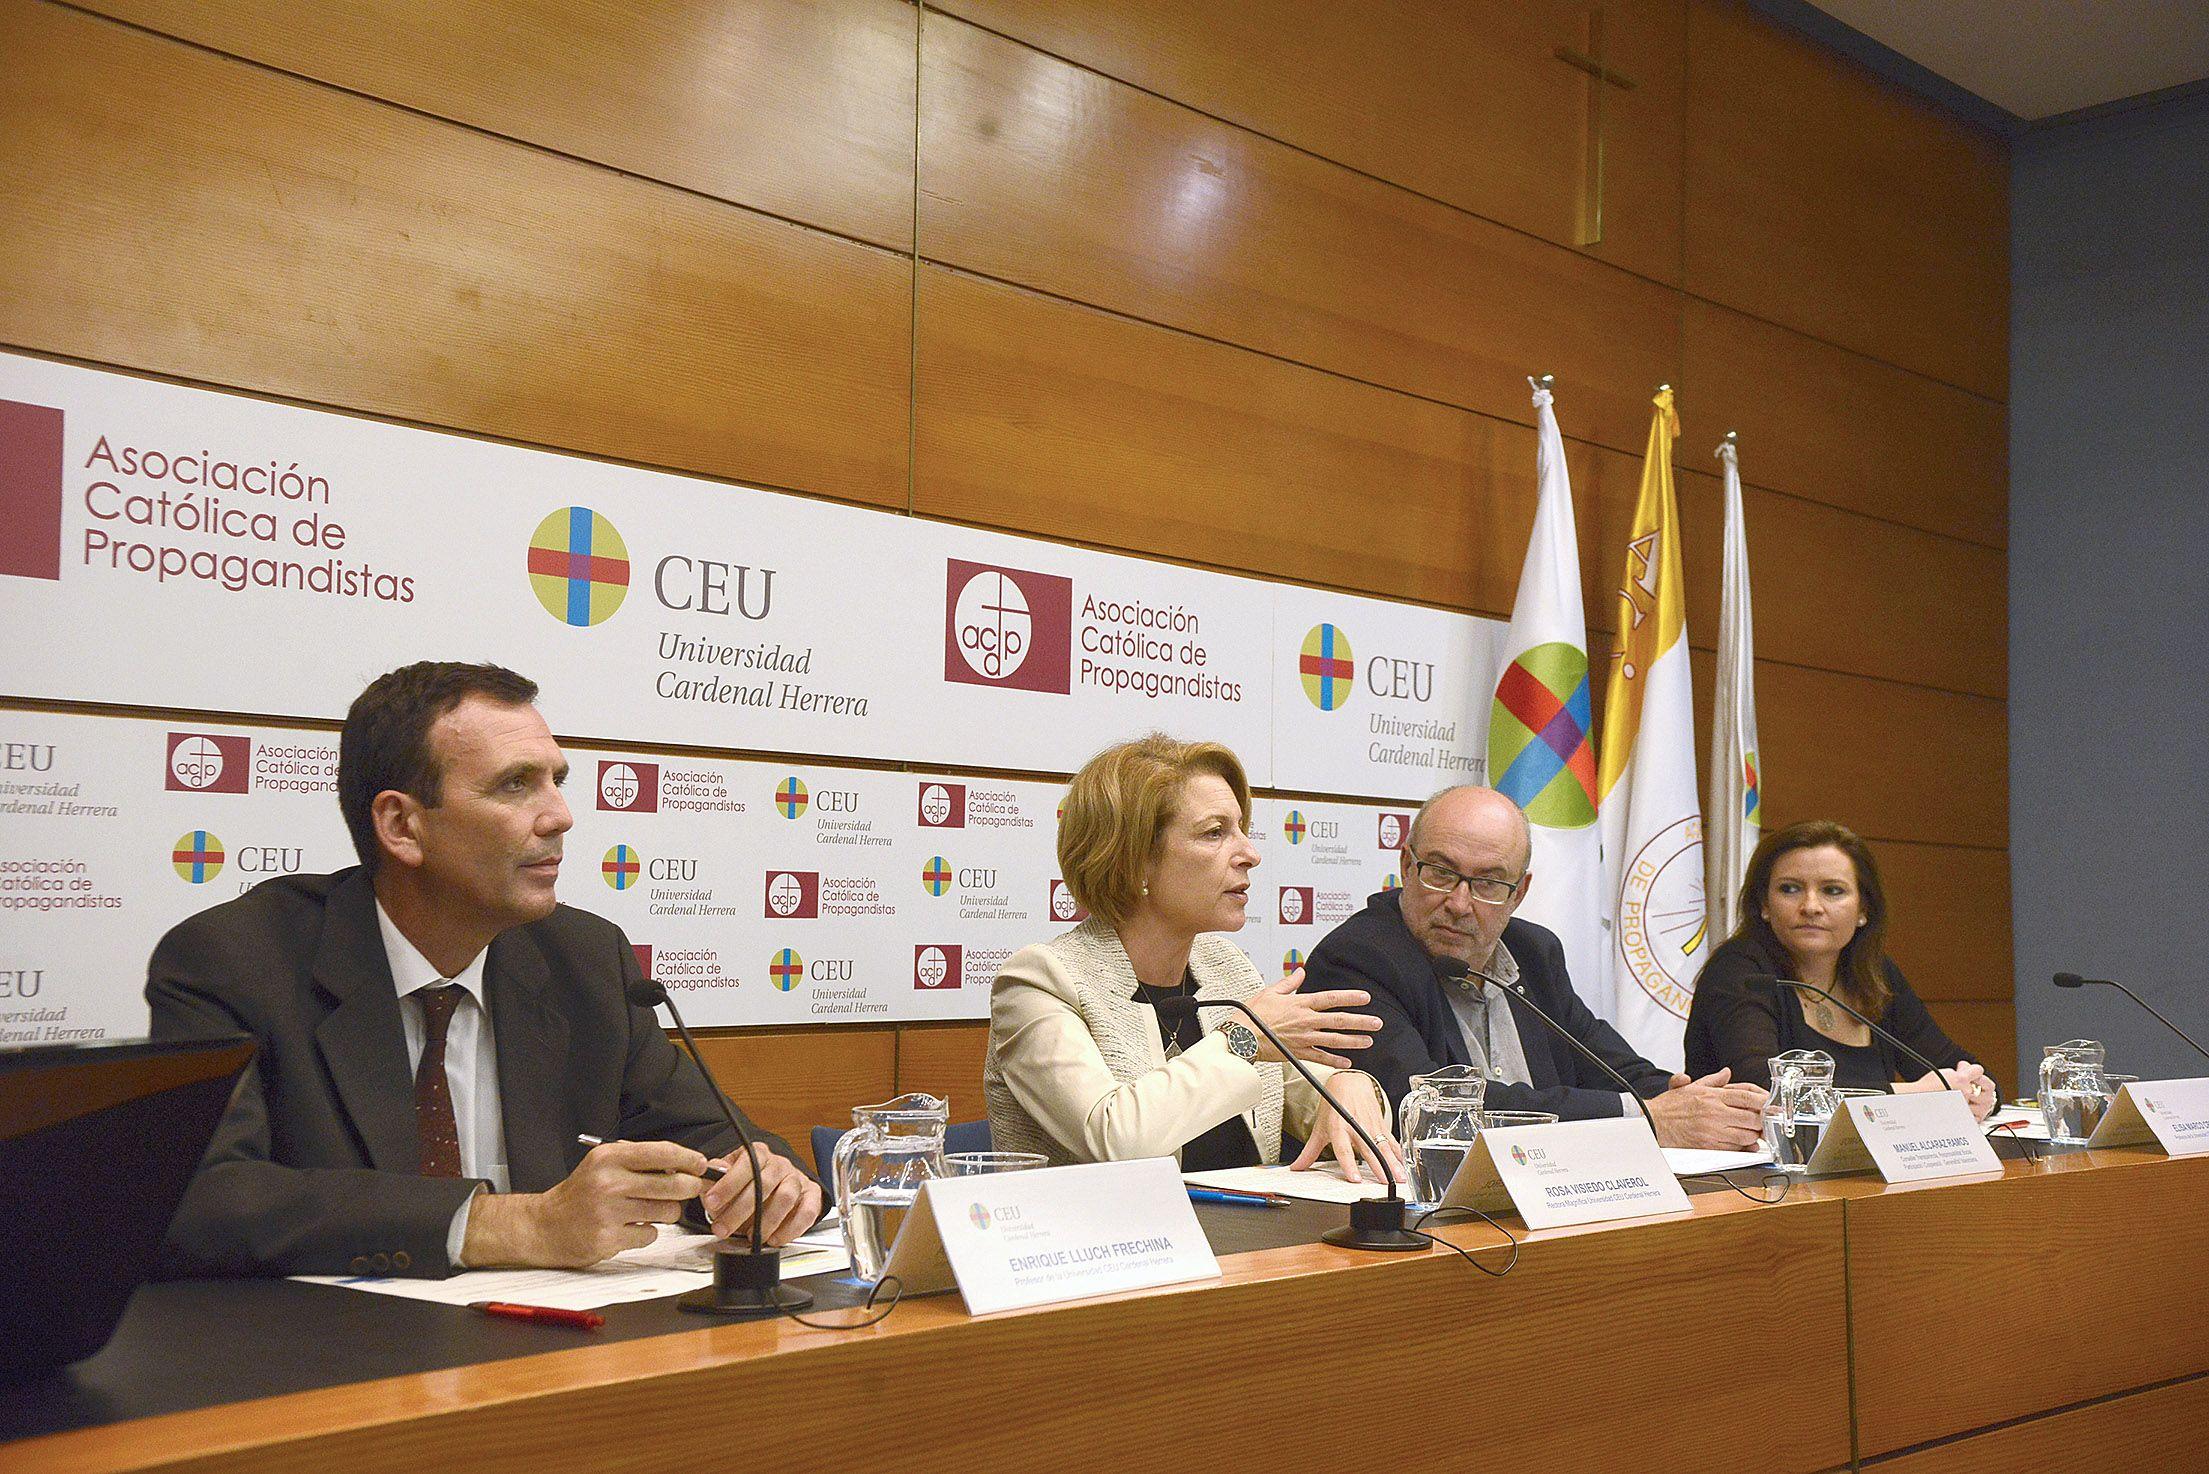 Inauguración de la Jornada, con el conseller Alcaraz, la rectora y los profesores organizadores.